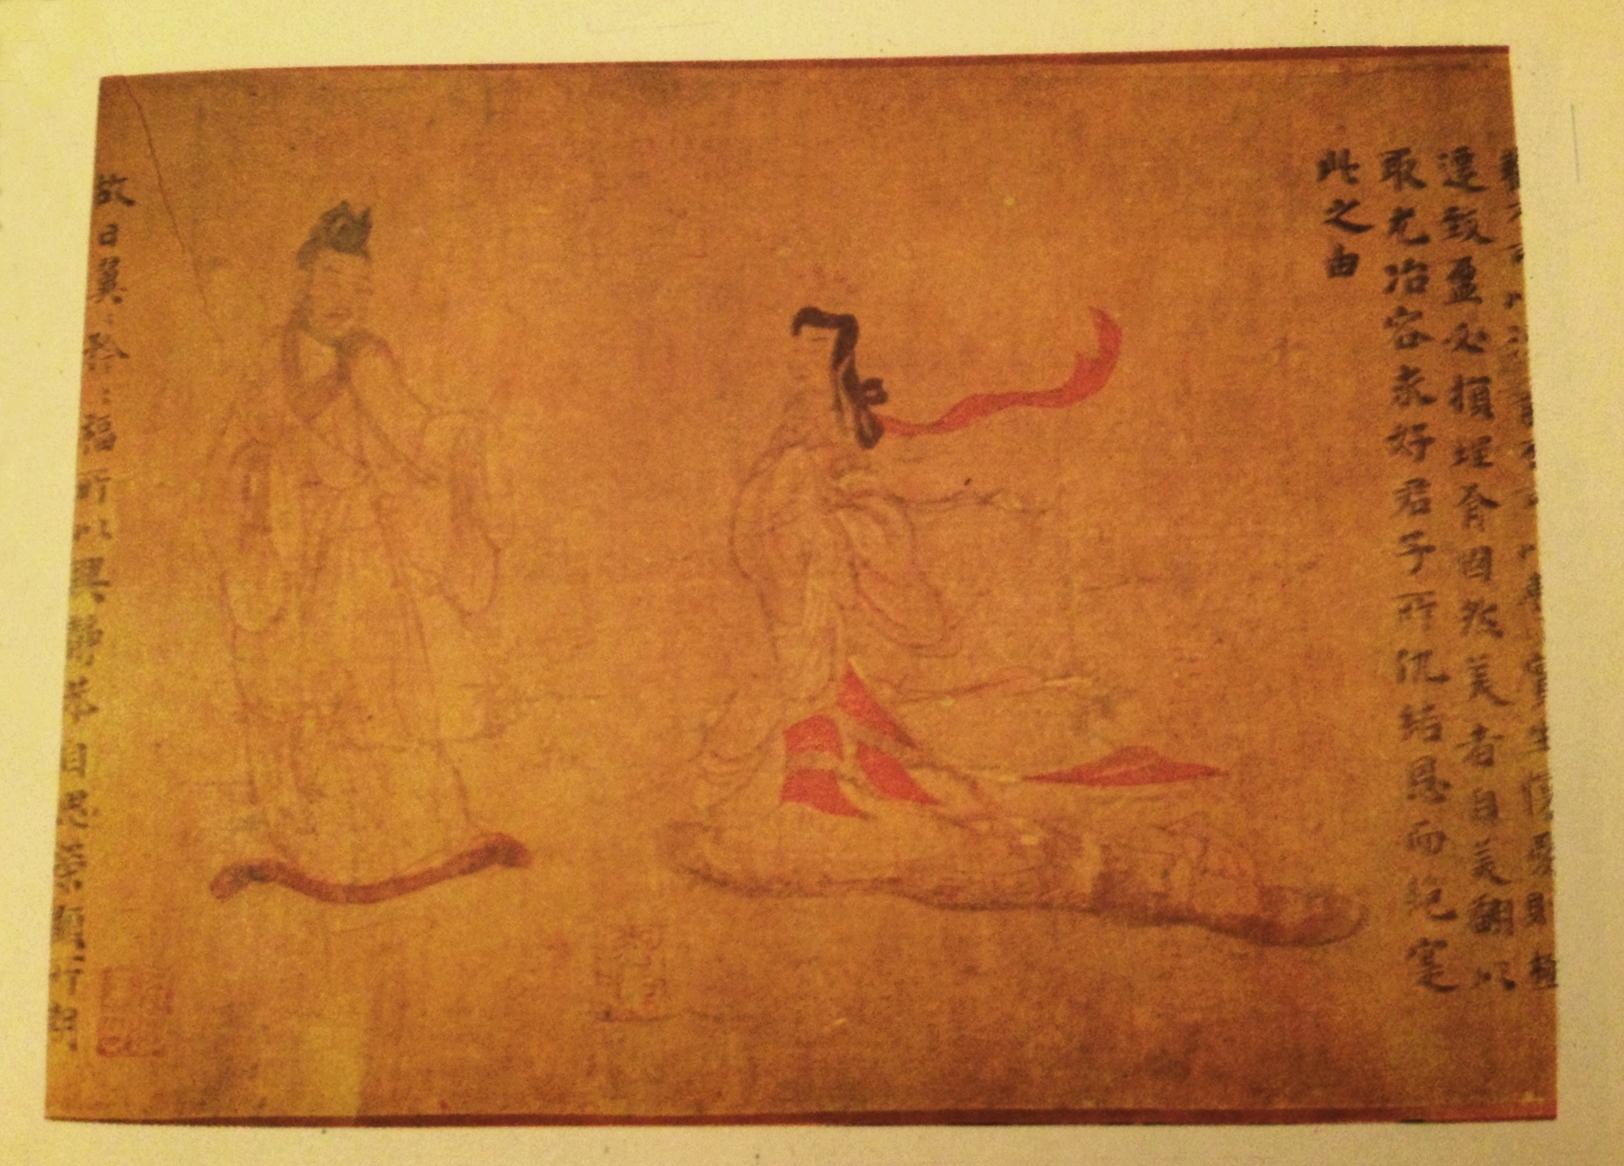 Londra'da, British Museum'da sergilenmekte olan rulonun adı Hocanın Saraylı Kadınlara Dersleri. Dördüncü yüzyılda yaşamış Ku K'ai chih'e ait olduğu sanılıyor.